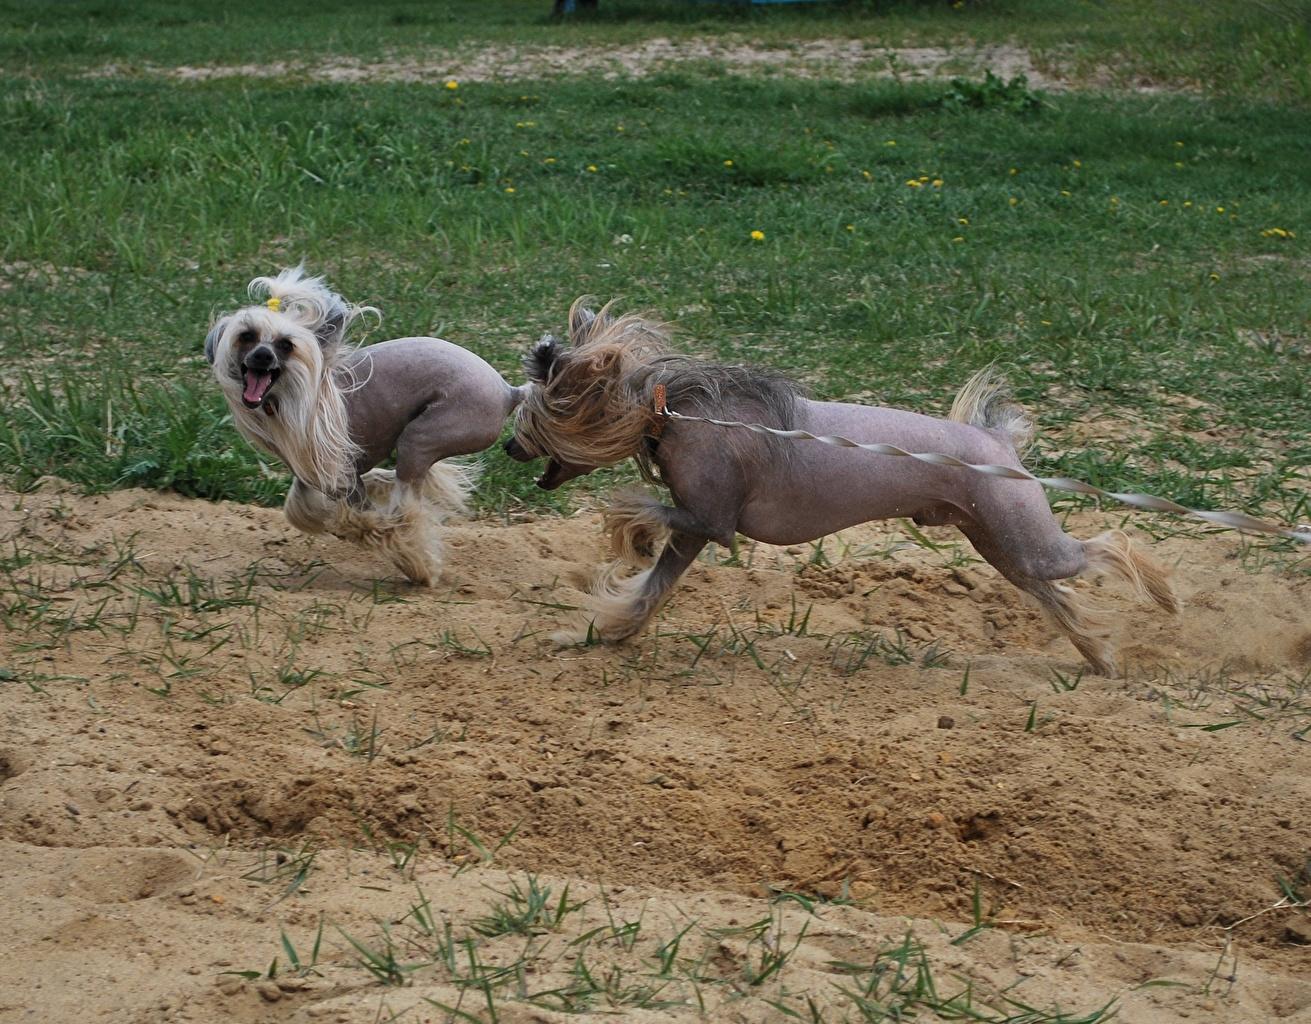 Foto nudo cinese Cani che corre Due 2 Arena animale Cane crestato cinese cane Corsa Sabbia Animali